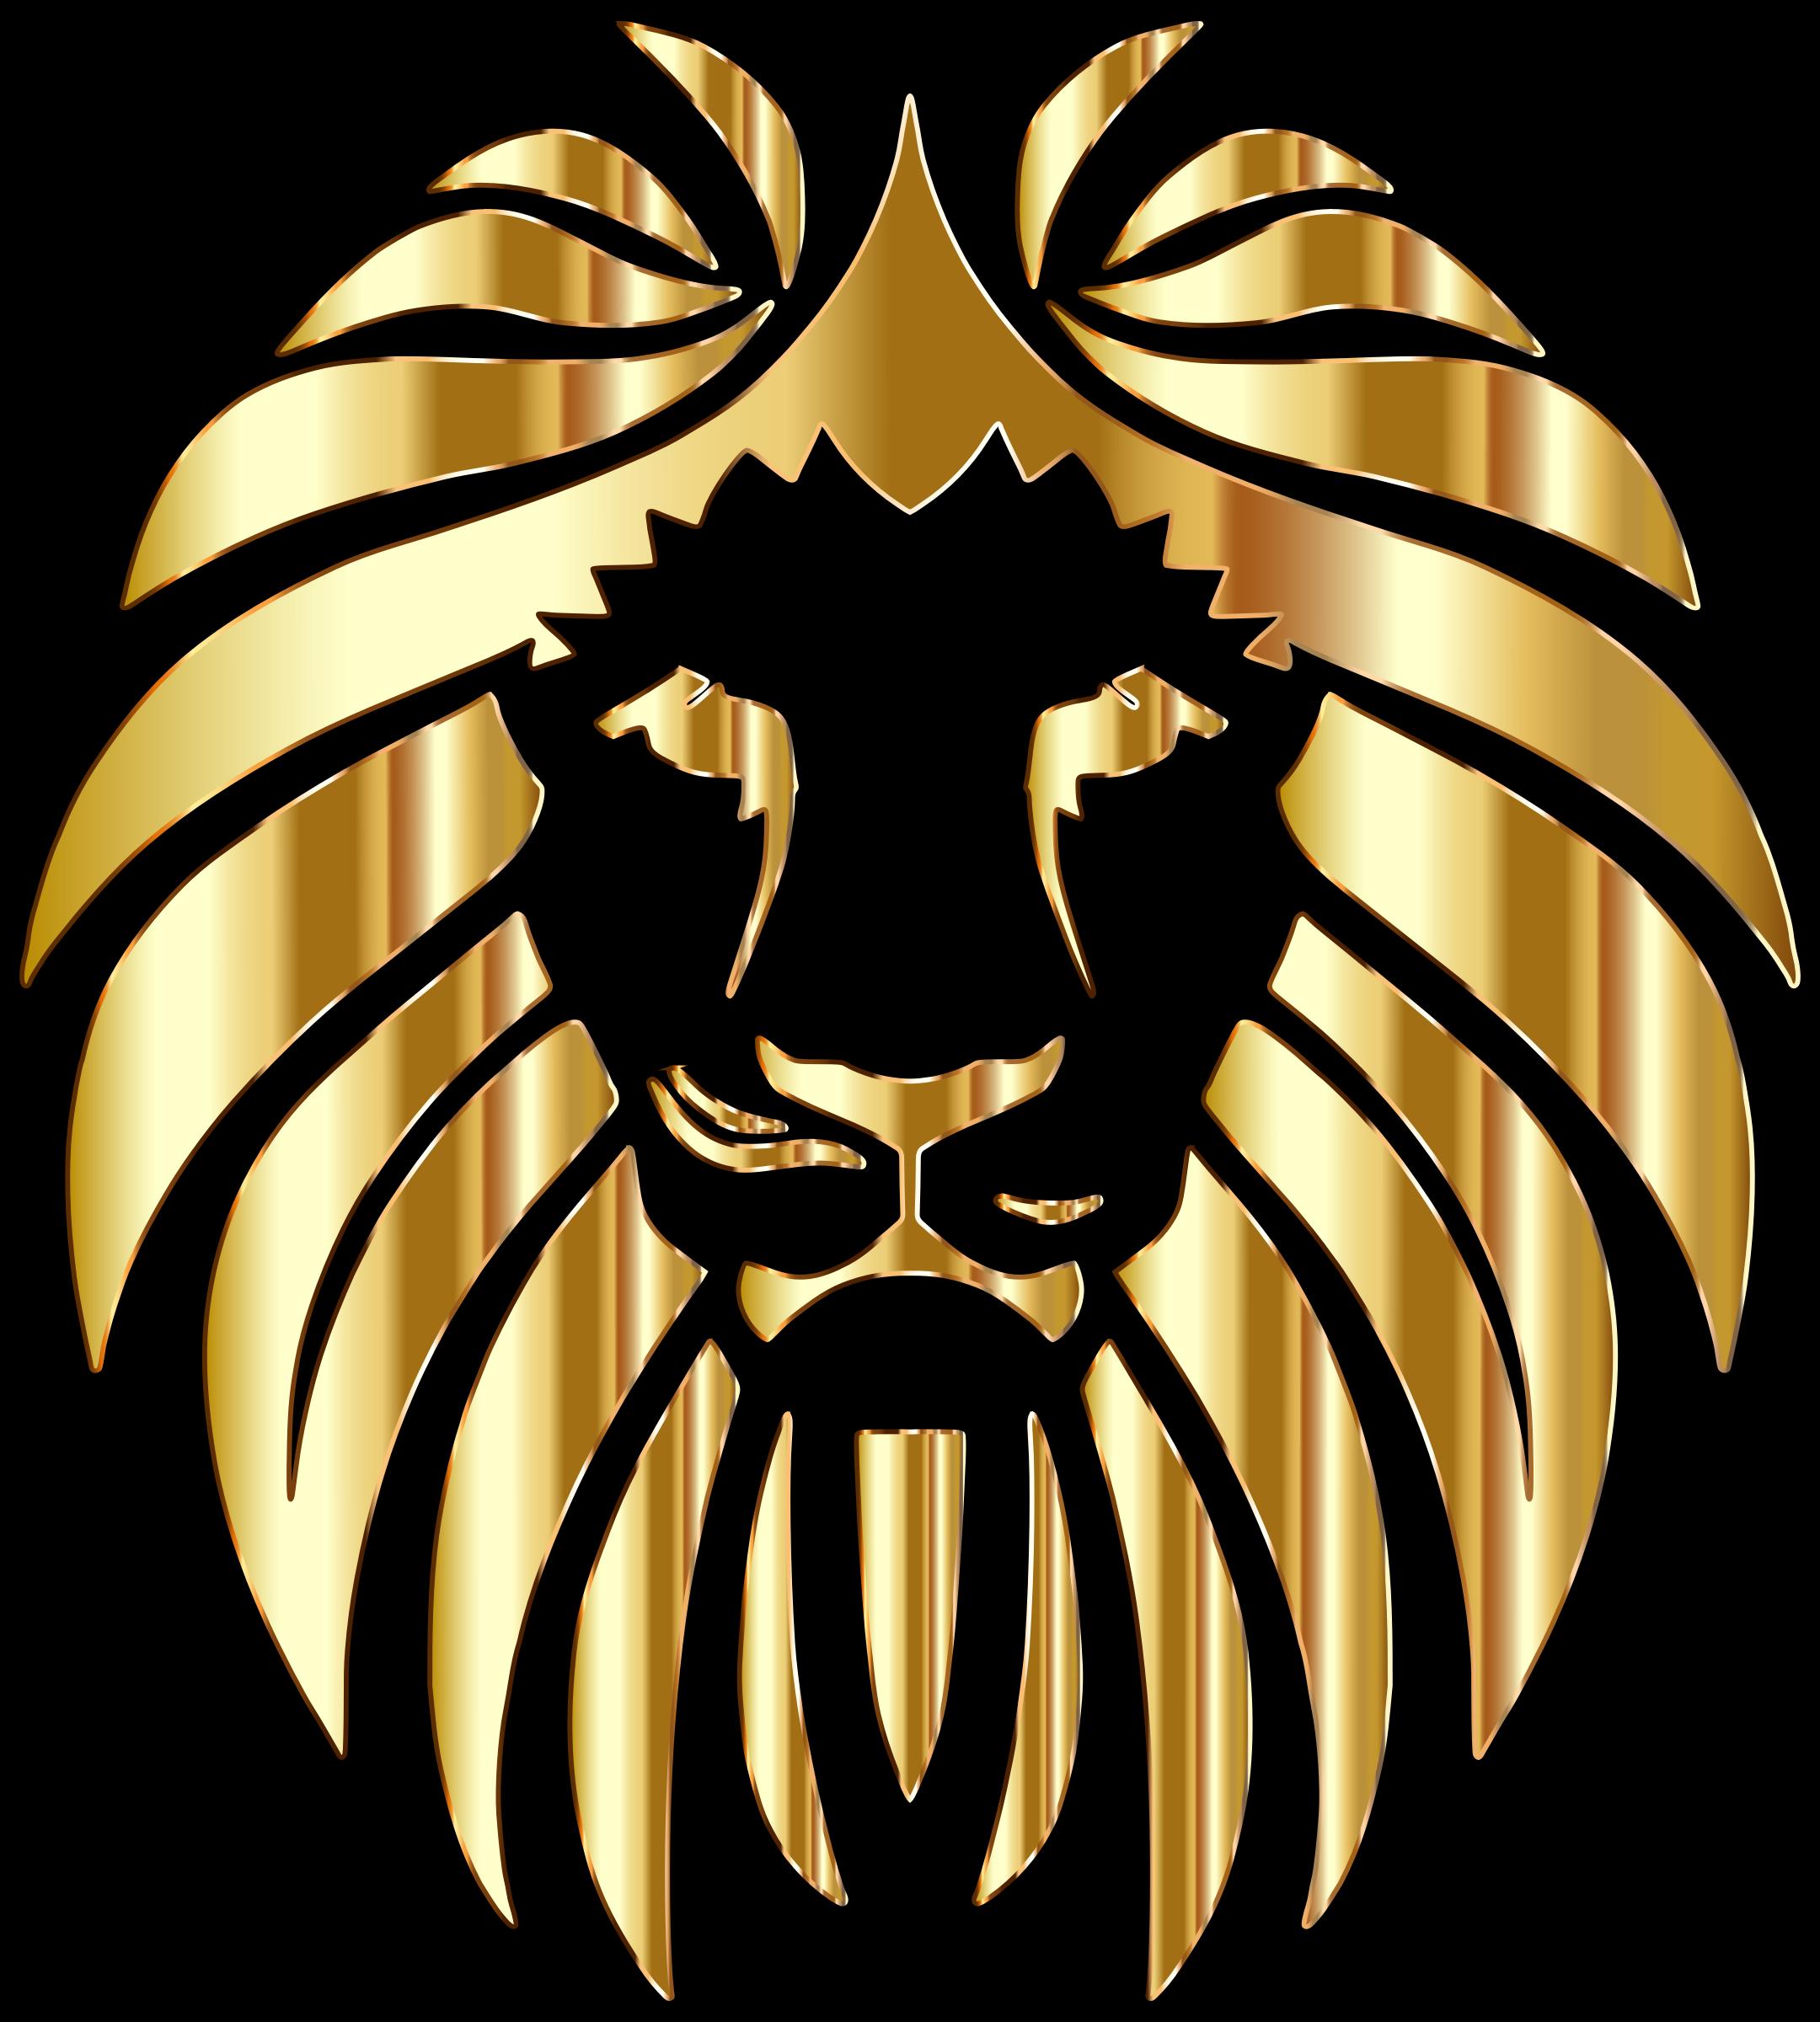 Gold lion Logos.